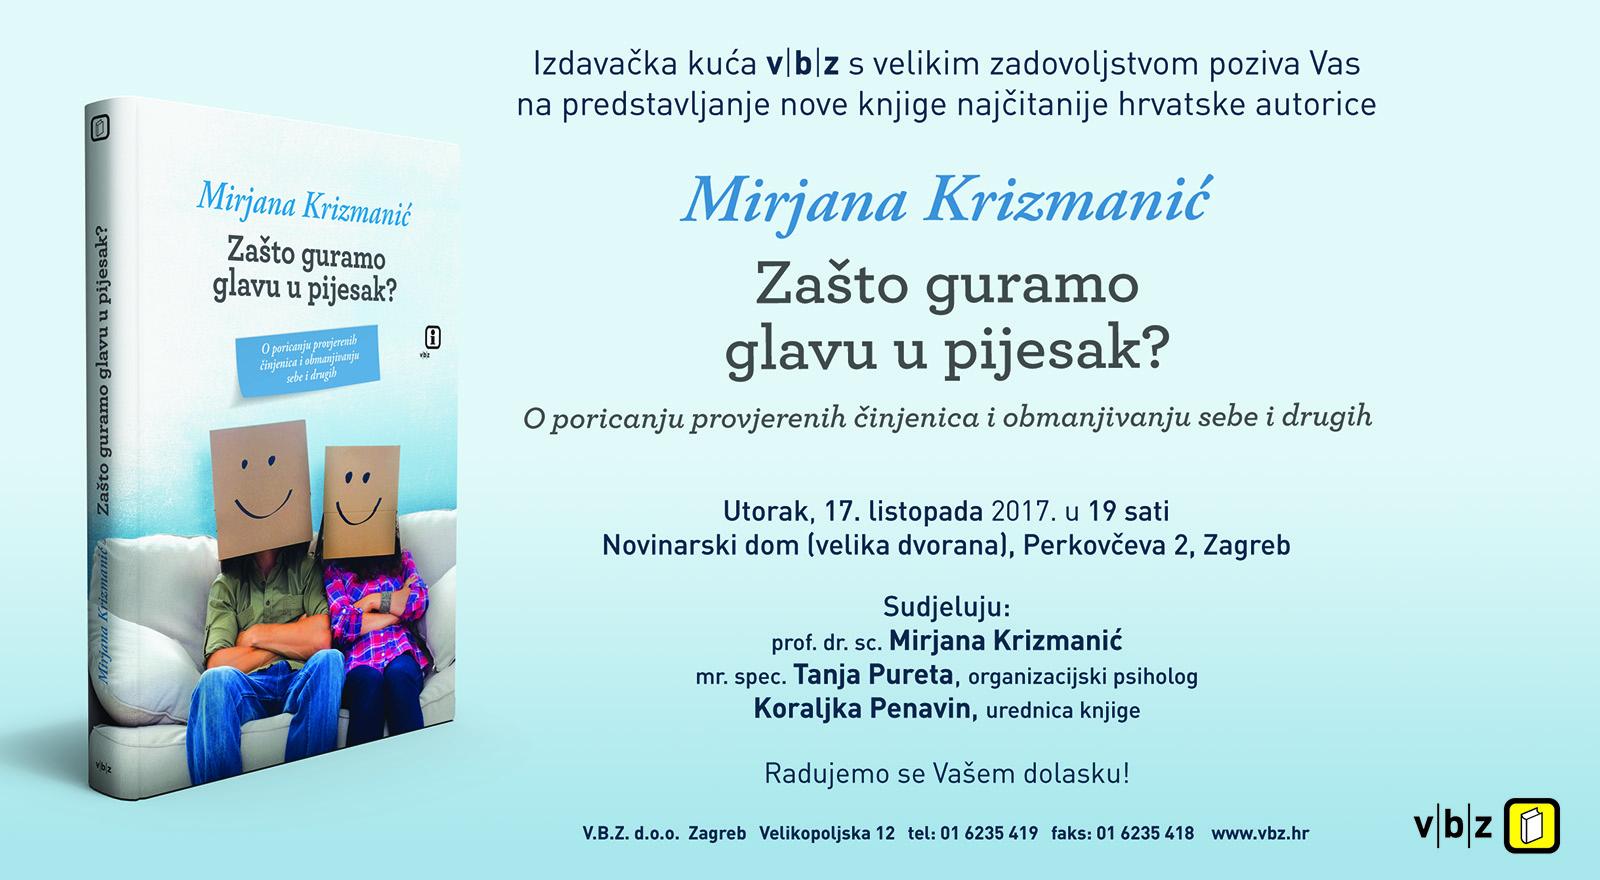 Predstavljanje nove knjige hrvatske autorice Mirjane Krizmanić